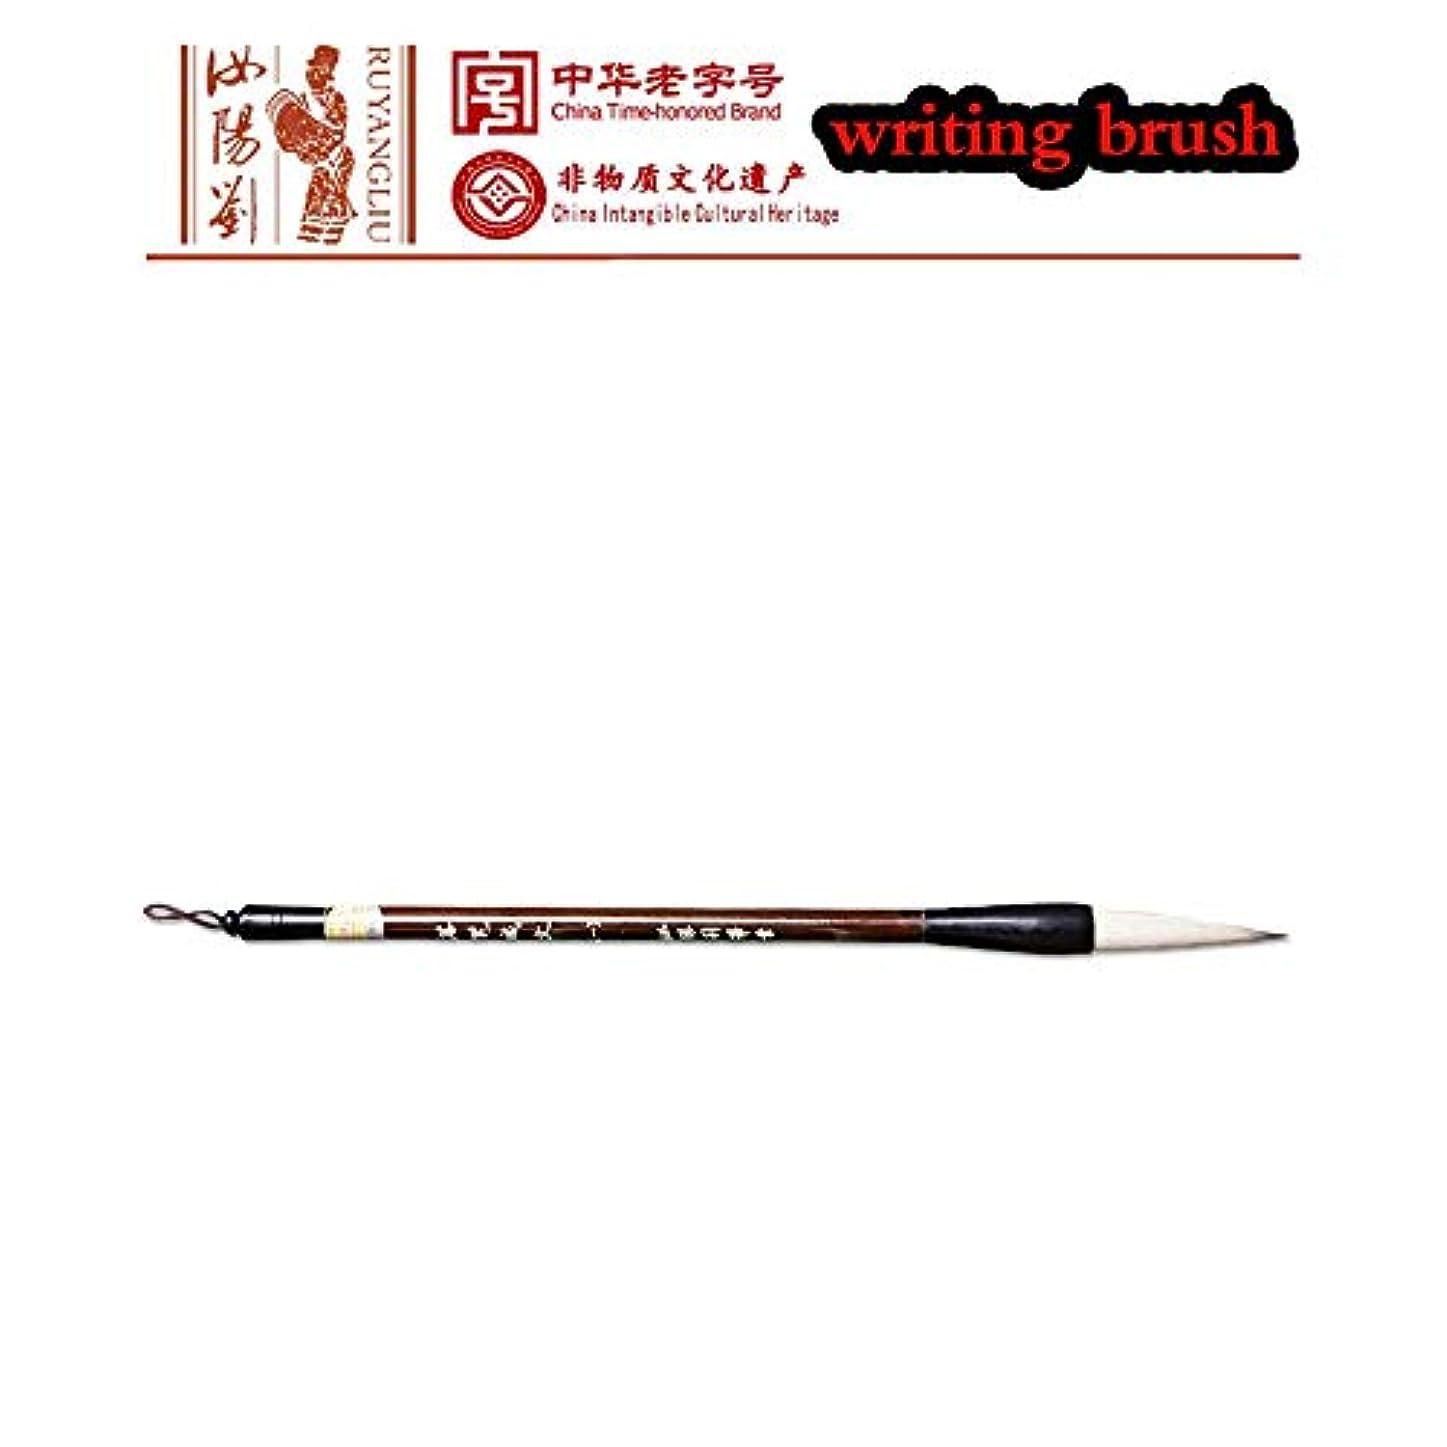 クールシャーロックホームズ飲食店ブラシRUYANGLIU中国の書道執筆ブラシの描画ブラシ中国のブラシの再利用可能なブラシホームペイントブラシを書きます (Size : S)